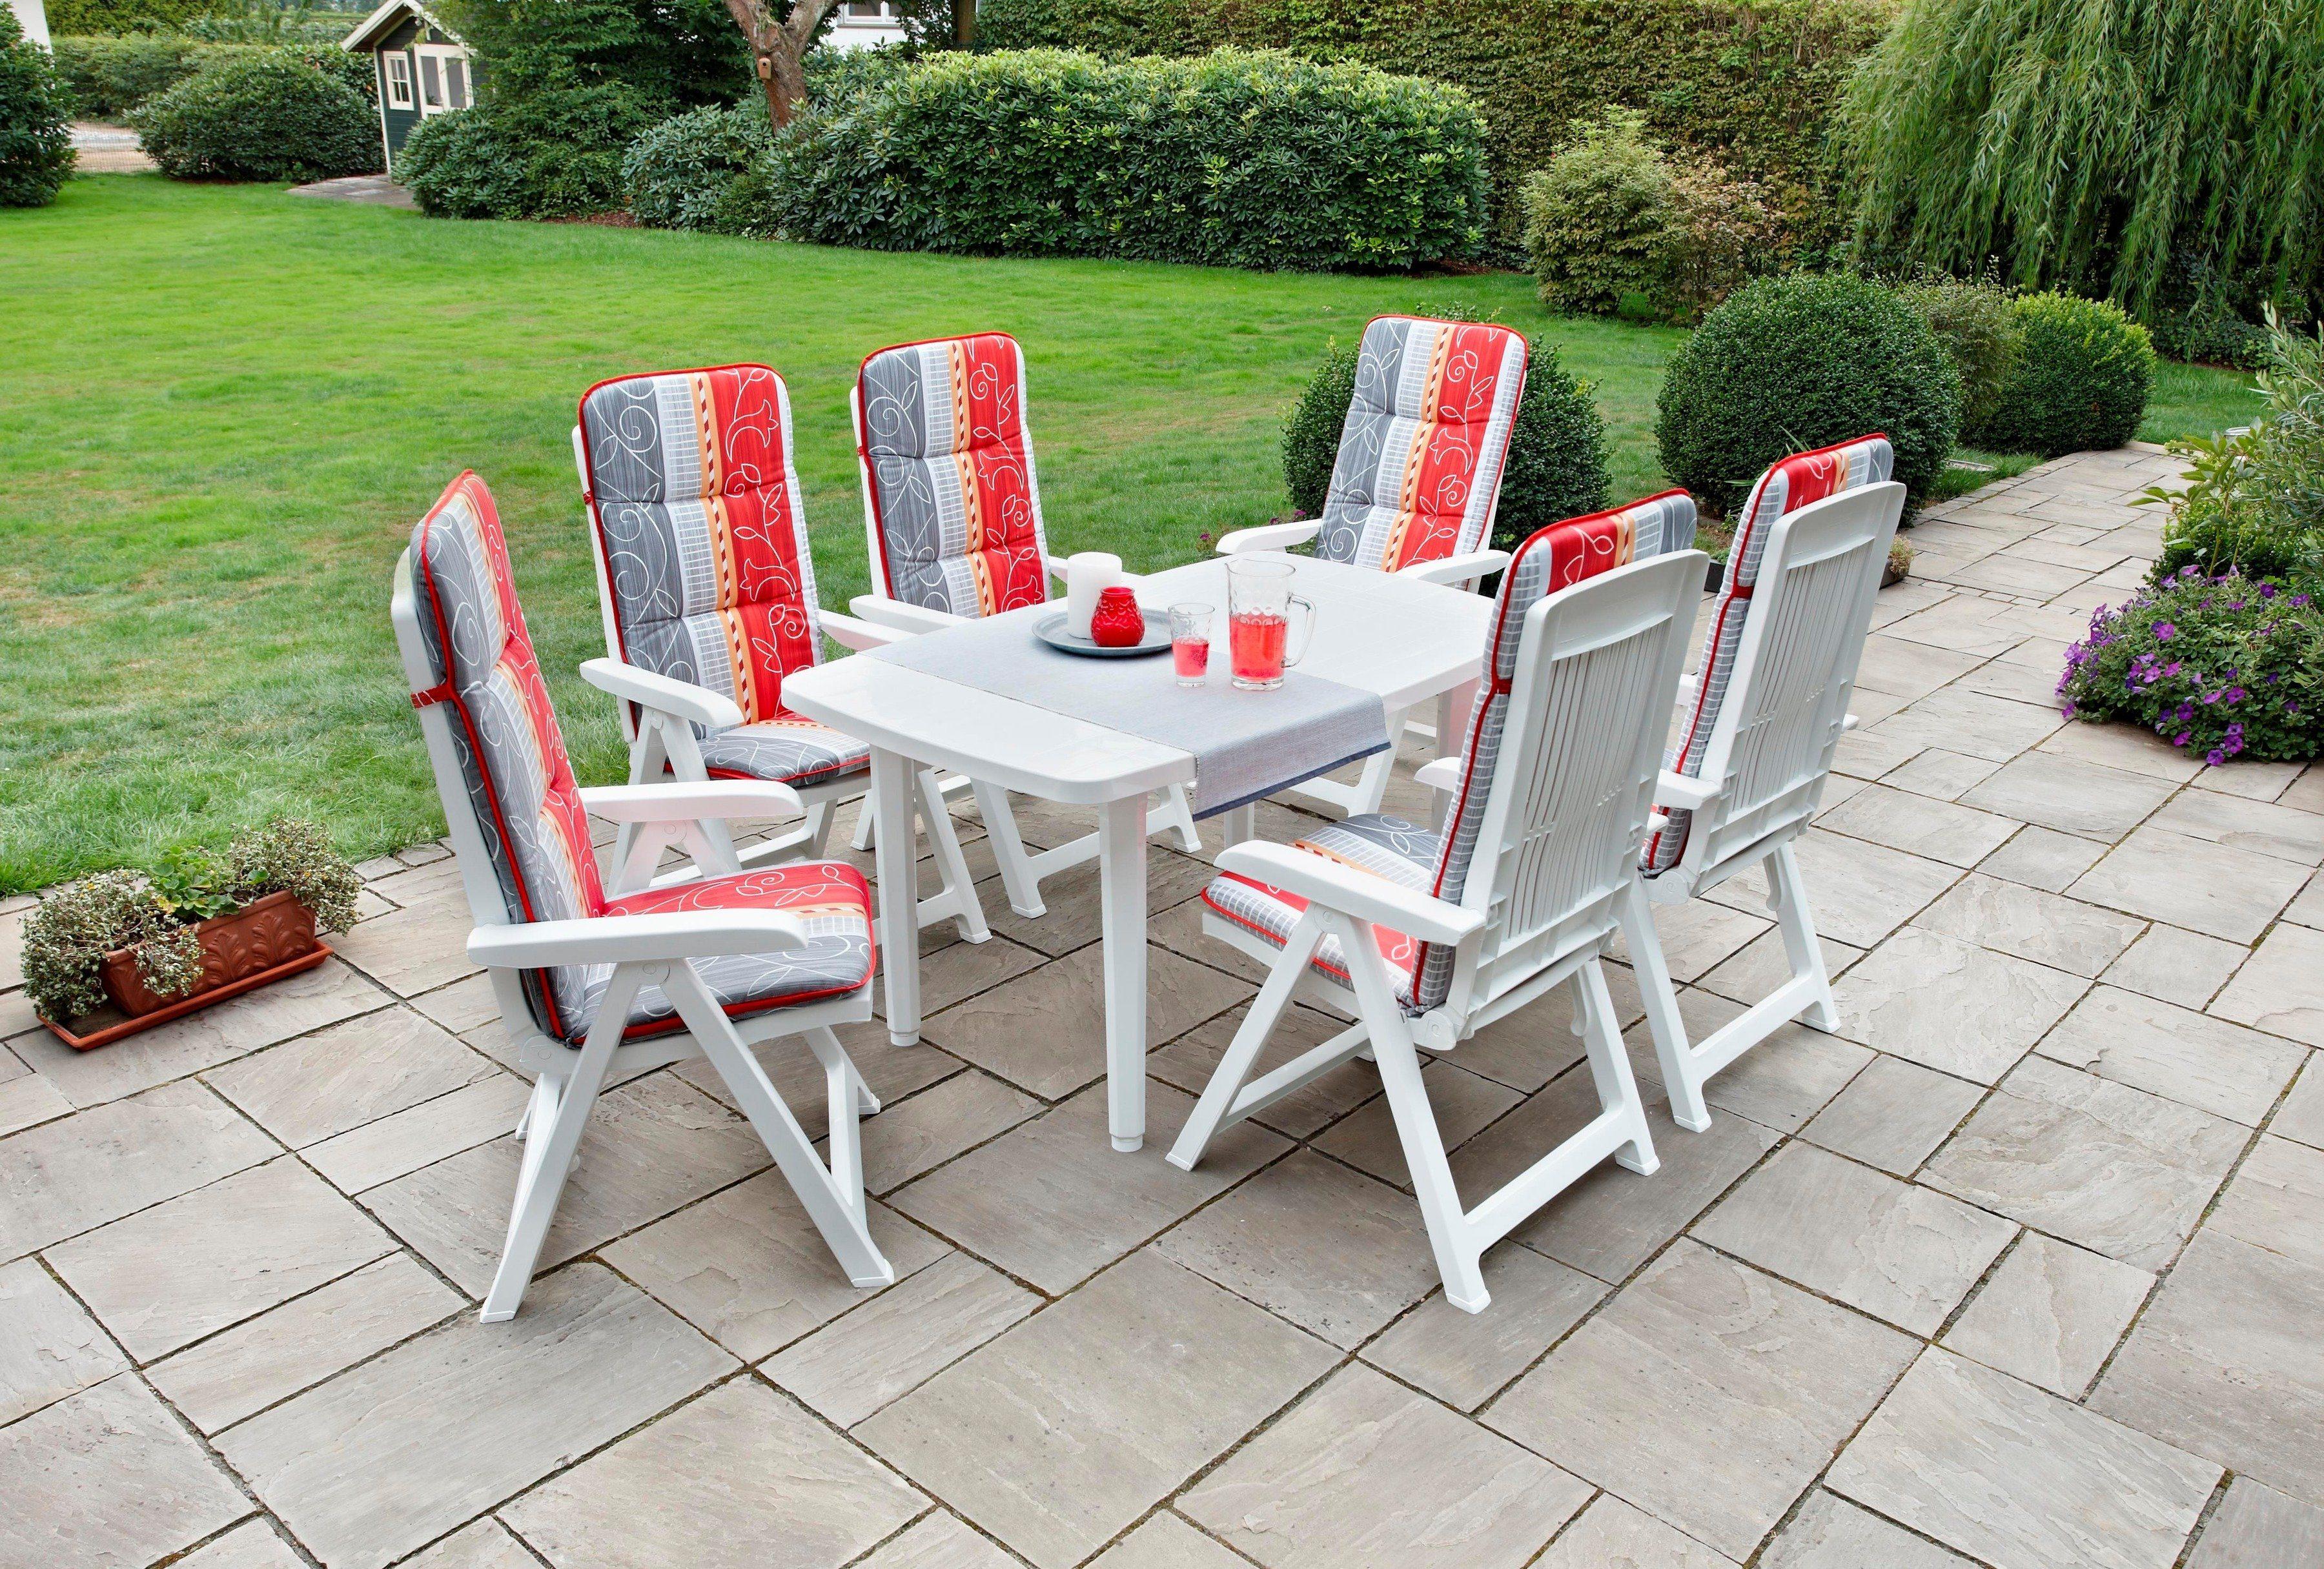 Gartenmöbel Set Holz Weiß ~ Gartenmöbel set kaufen gartengarnitur gartensitzgruppe otto